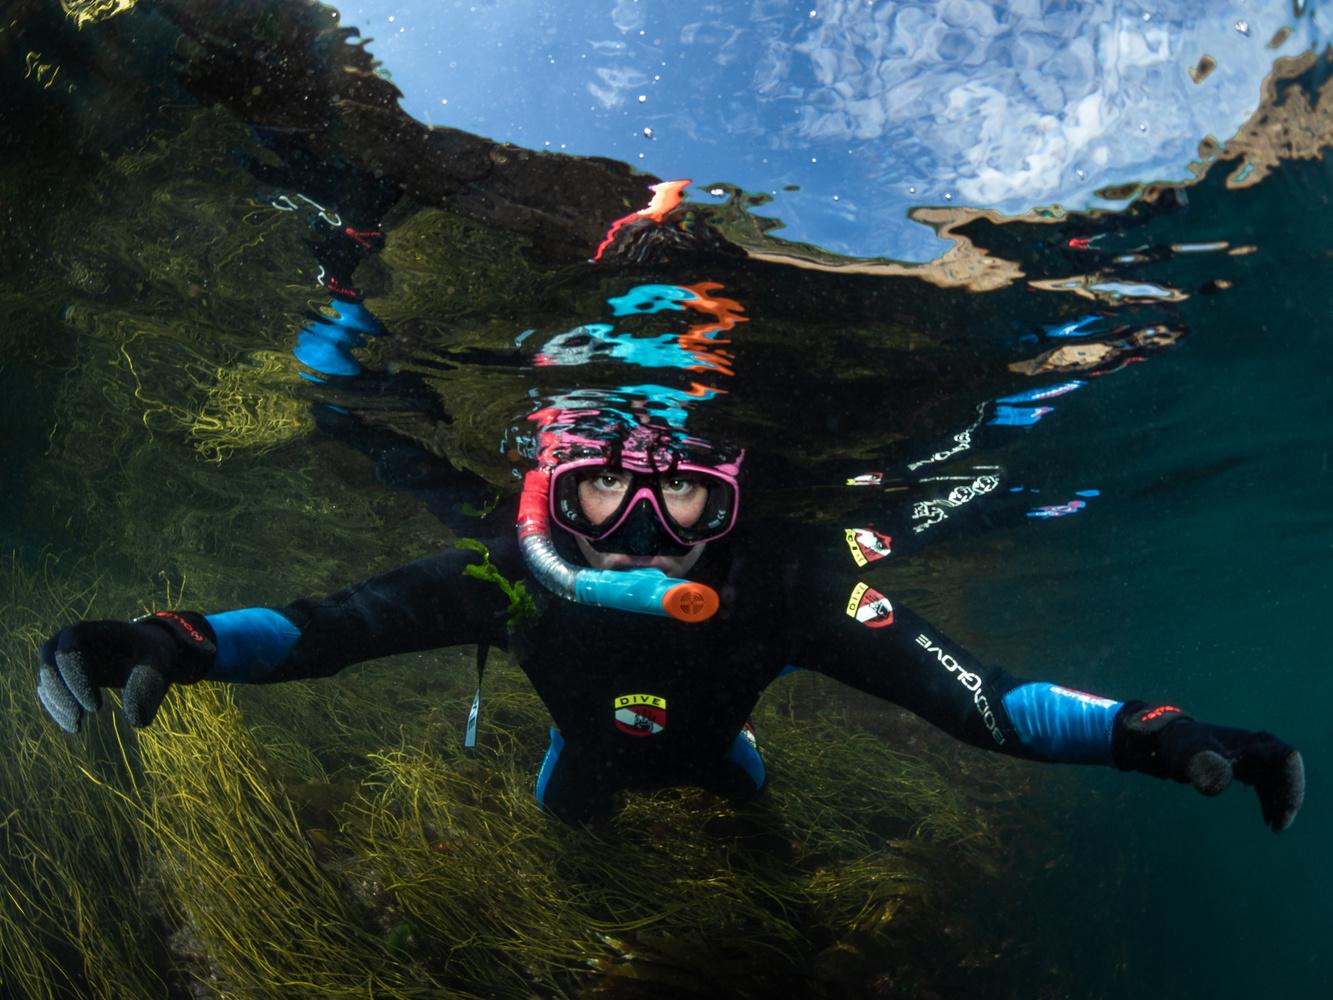 Snorkeling by Tomasz Kowalski